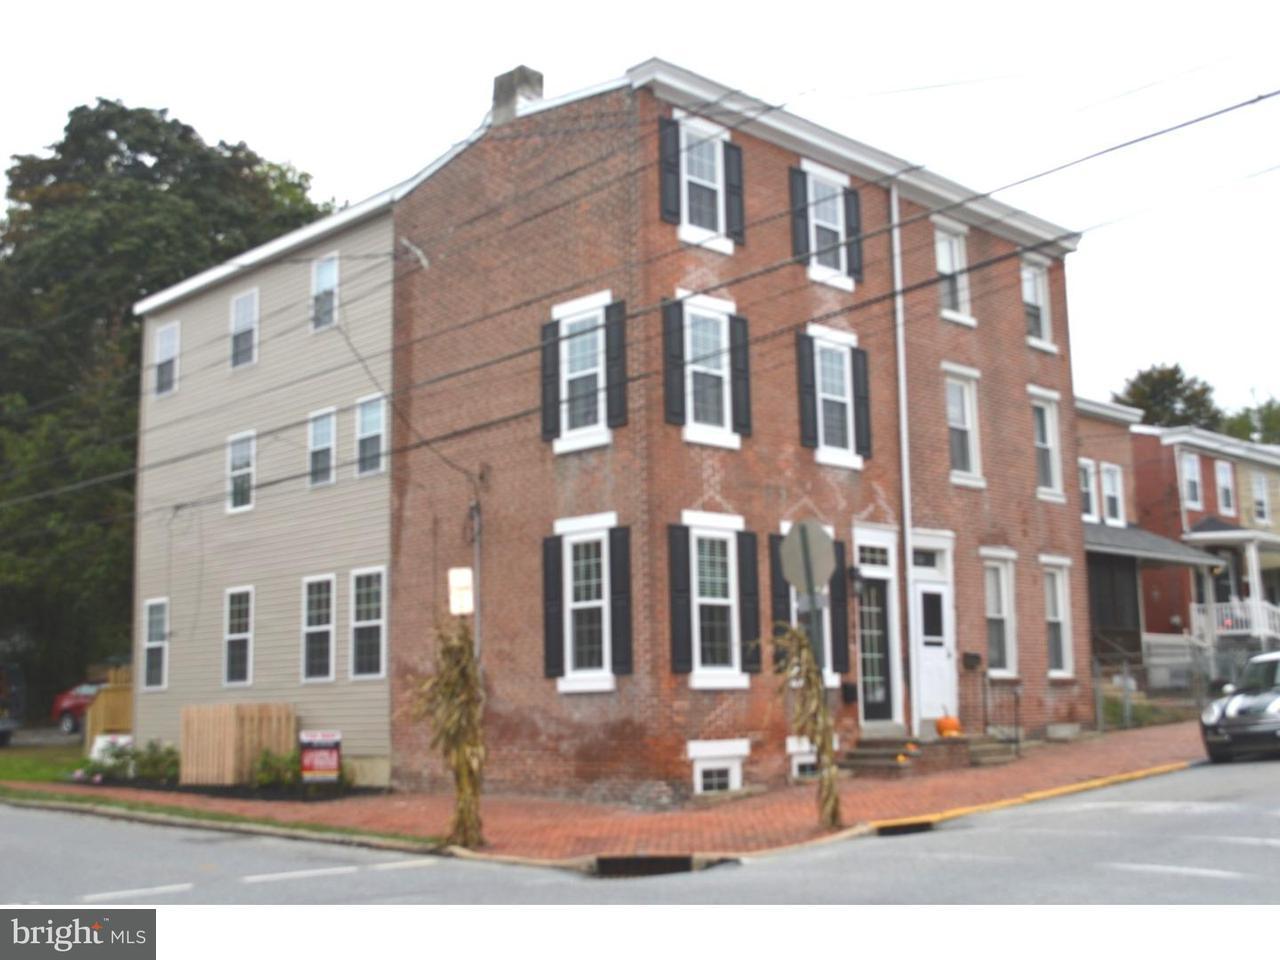 Casa unifamiliar adosada (Townhouse) por un Alquiler en 135 W BIDDLE Street West Chester, Pennsylvania 19380 Estados Unidos